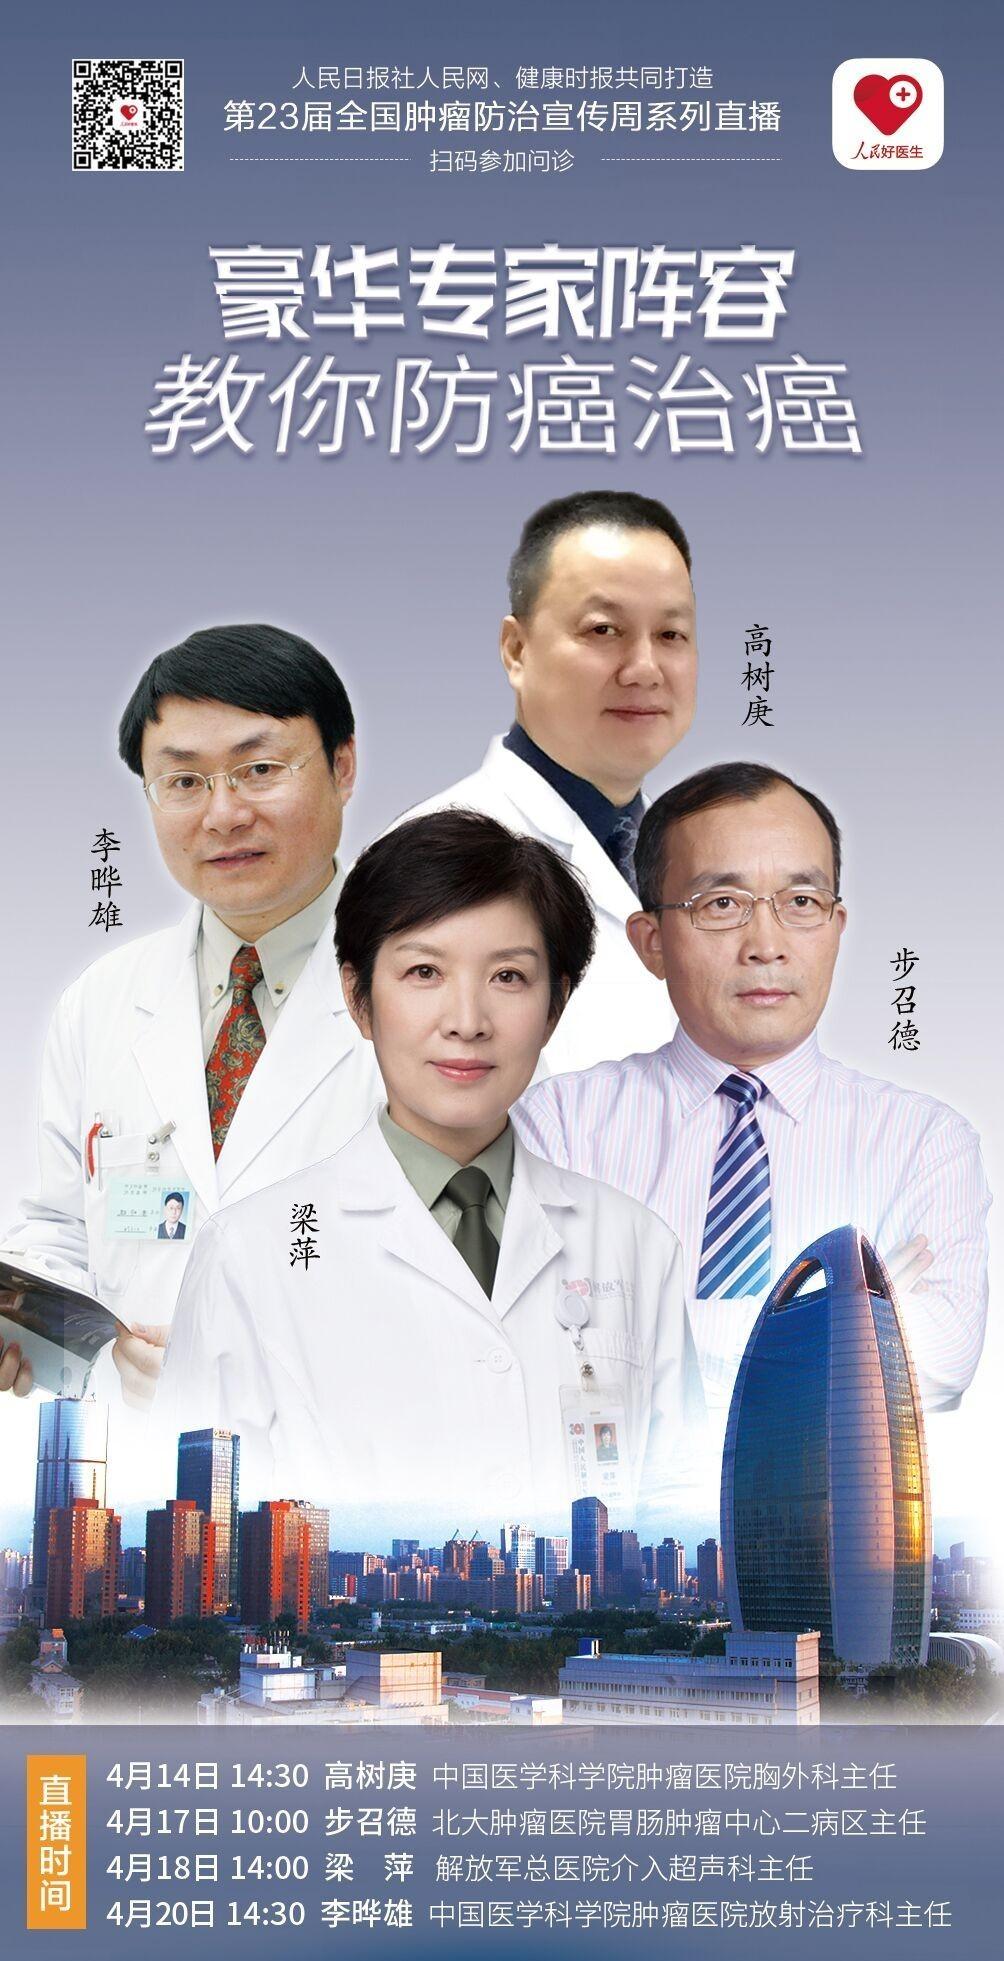 这十大癌症最高发!四位大咖专家直播教你防癌治癌!